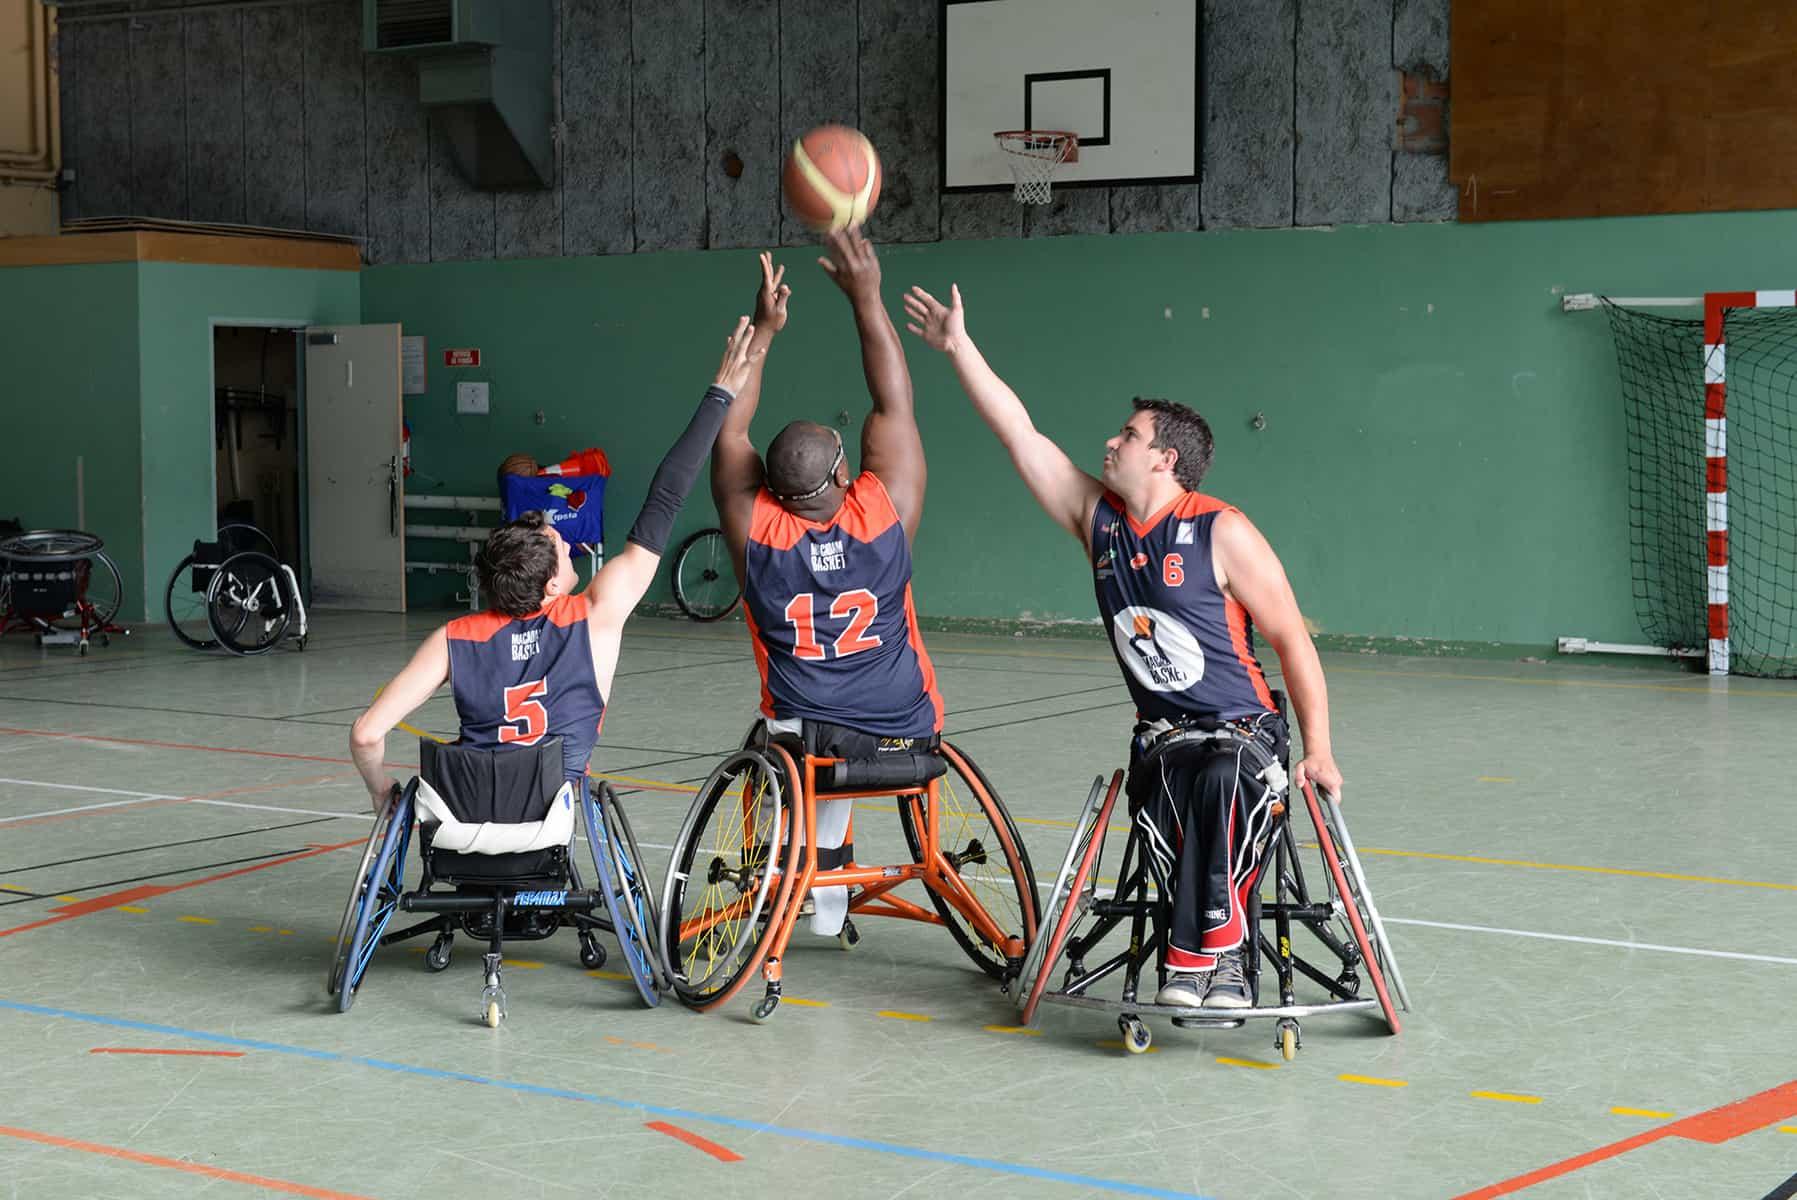 Favoriser l'accès à la pratique sportive